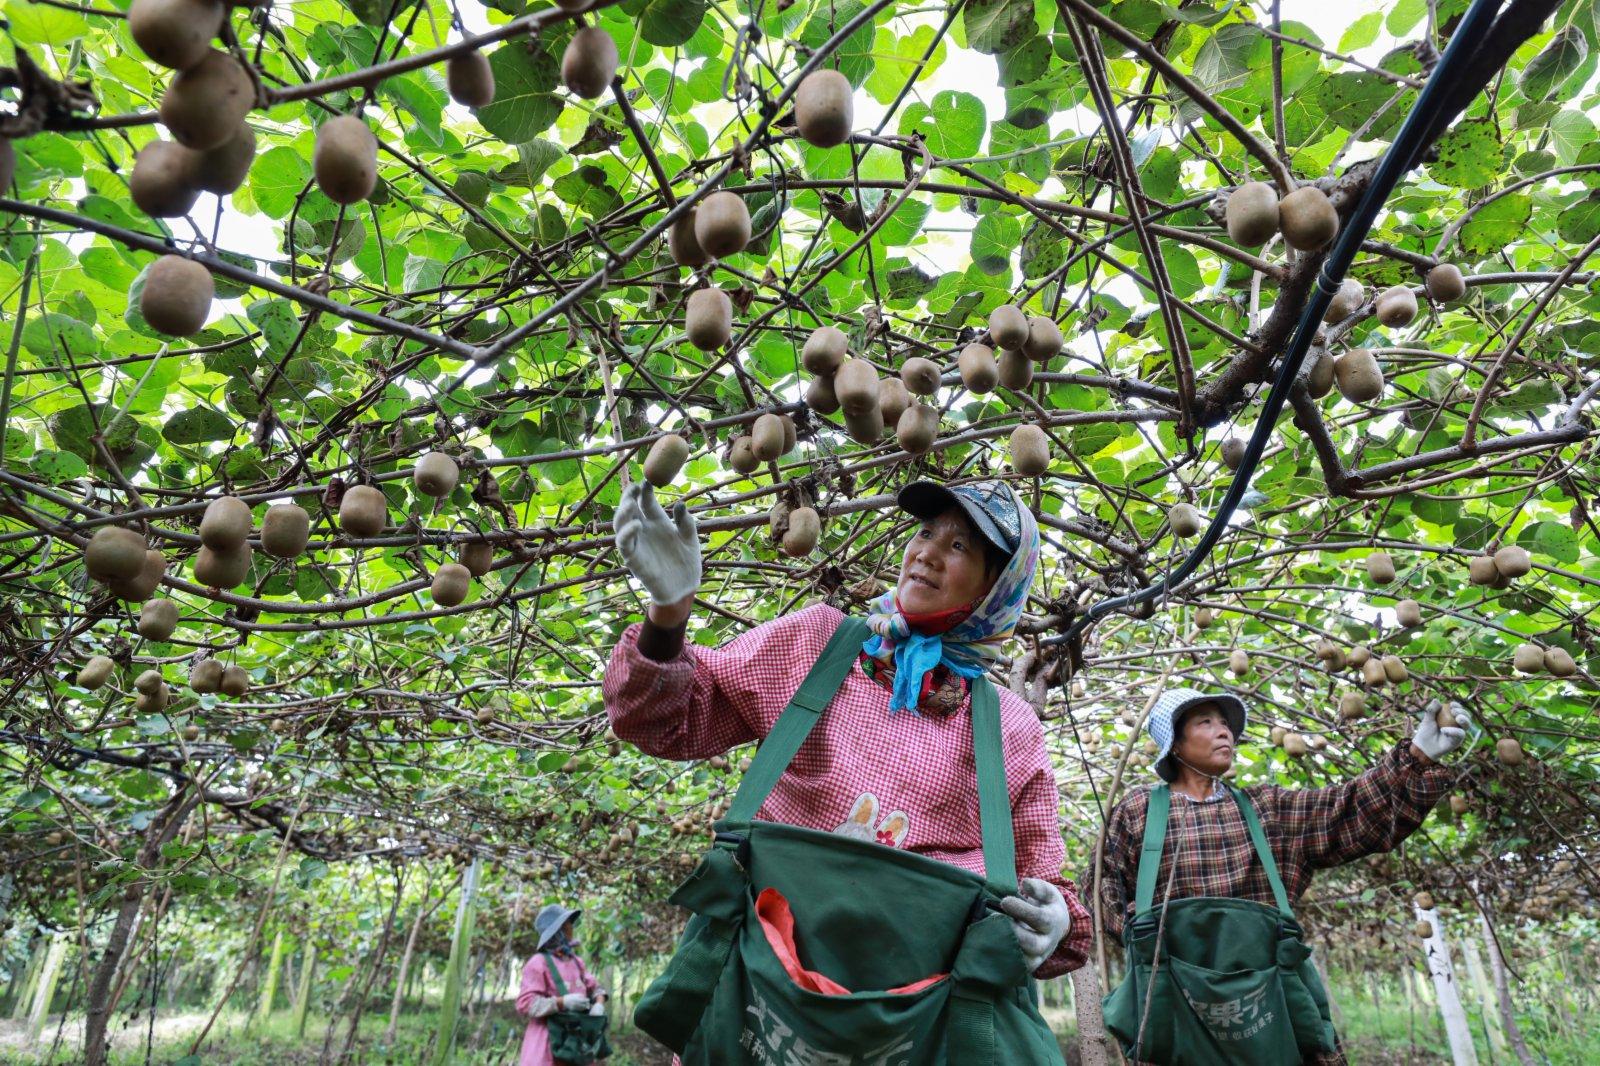 9月7日,在江蘇省連雲港市贛榆區塔山鎮一獼猴桃產業園內,農戶在採收獼猴桃。(新華社)